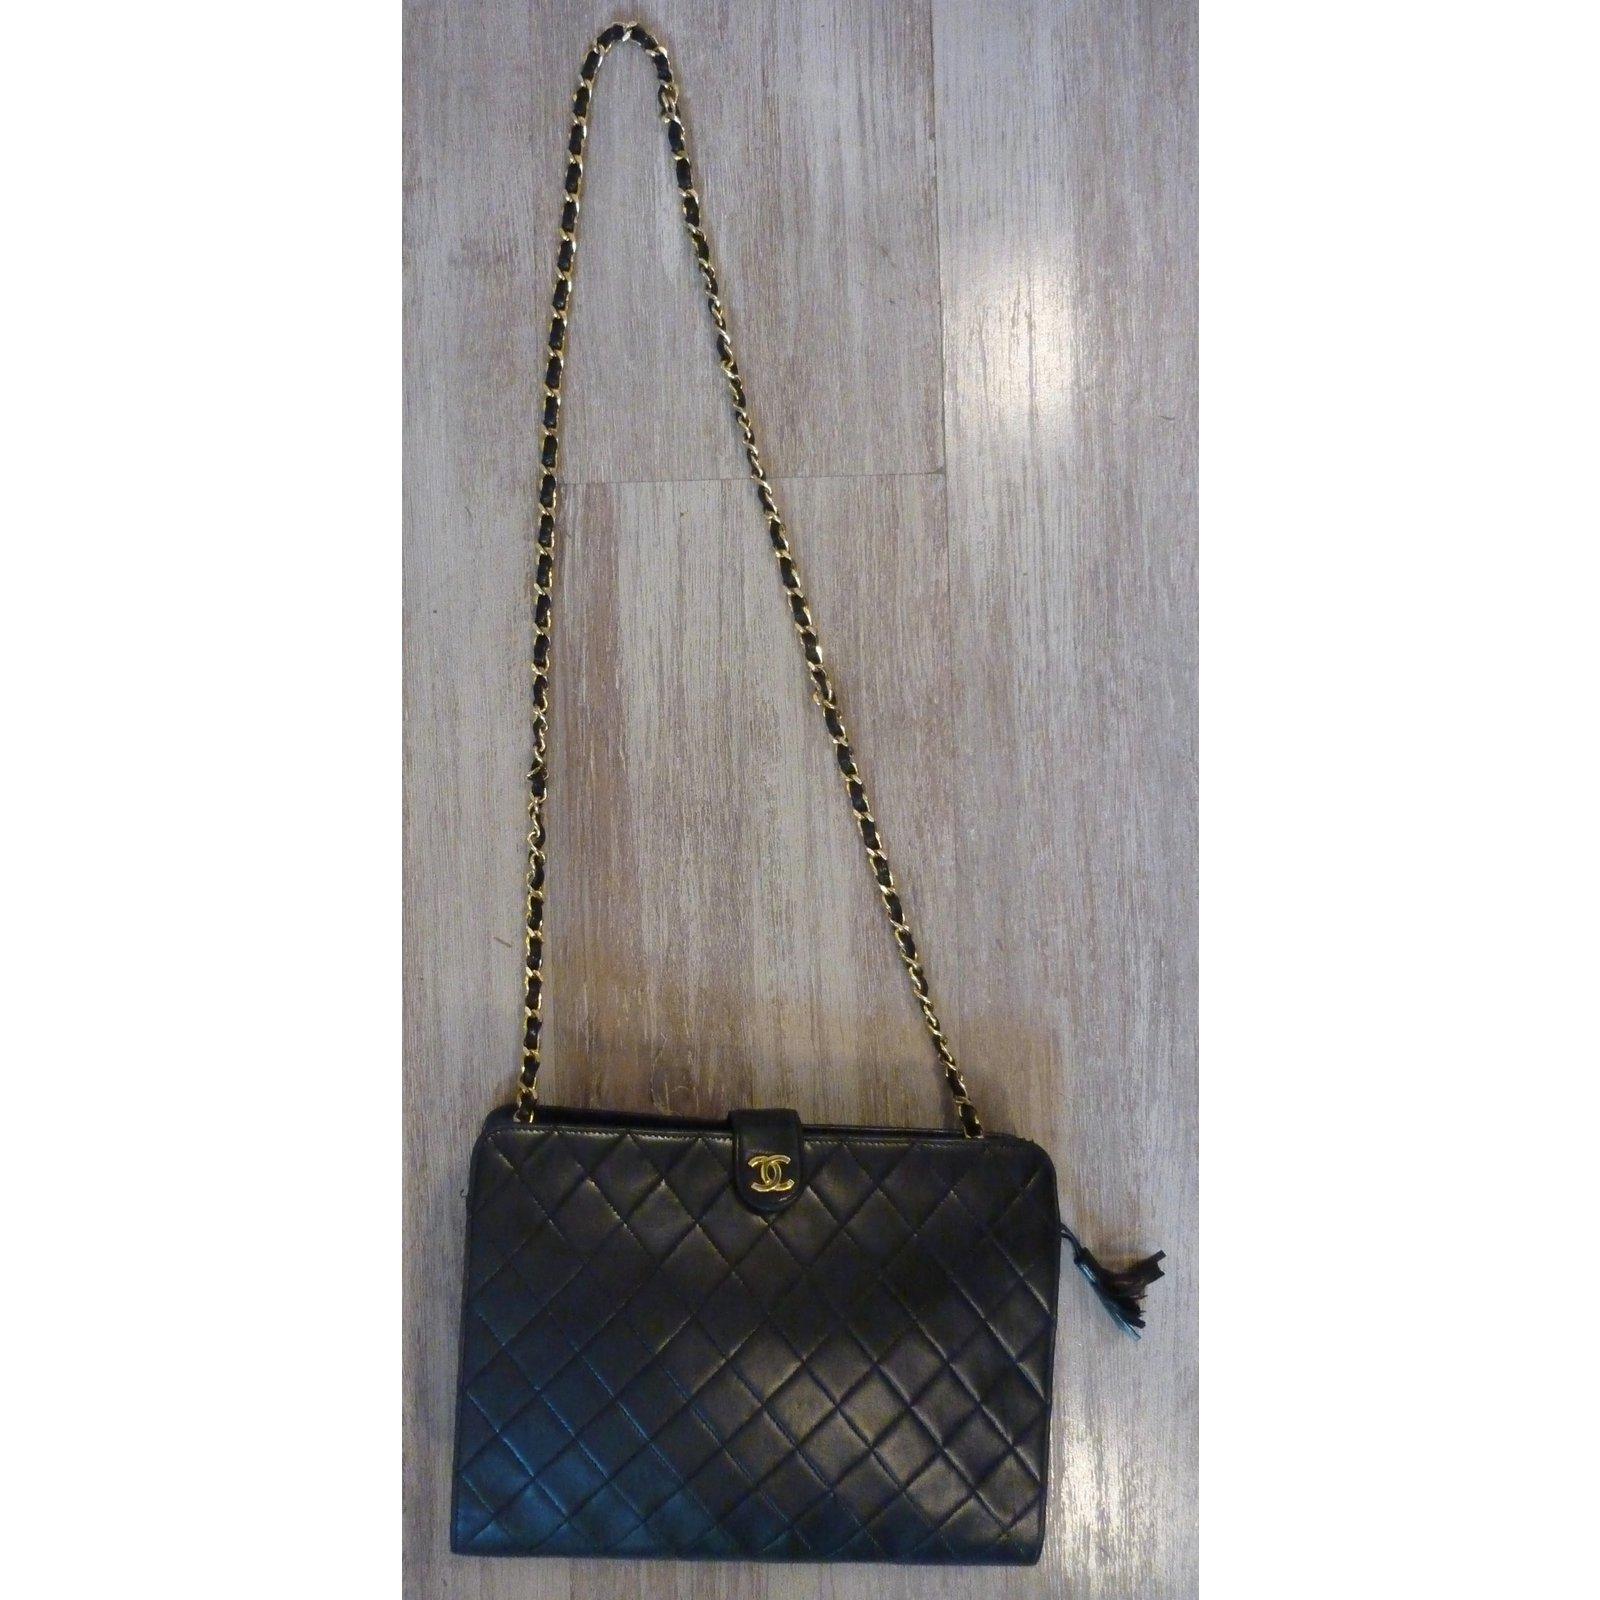 Sacs à main Chanel Superbe Sac Chanel noir vintage à pompon frangé ! Cuir  Noir ref.39349 - Joli Closet 9282559f80a